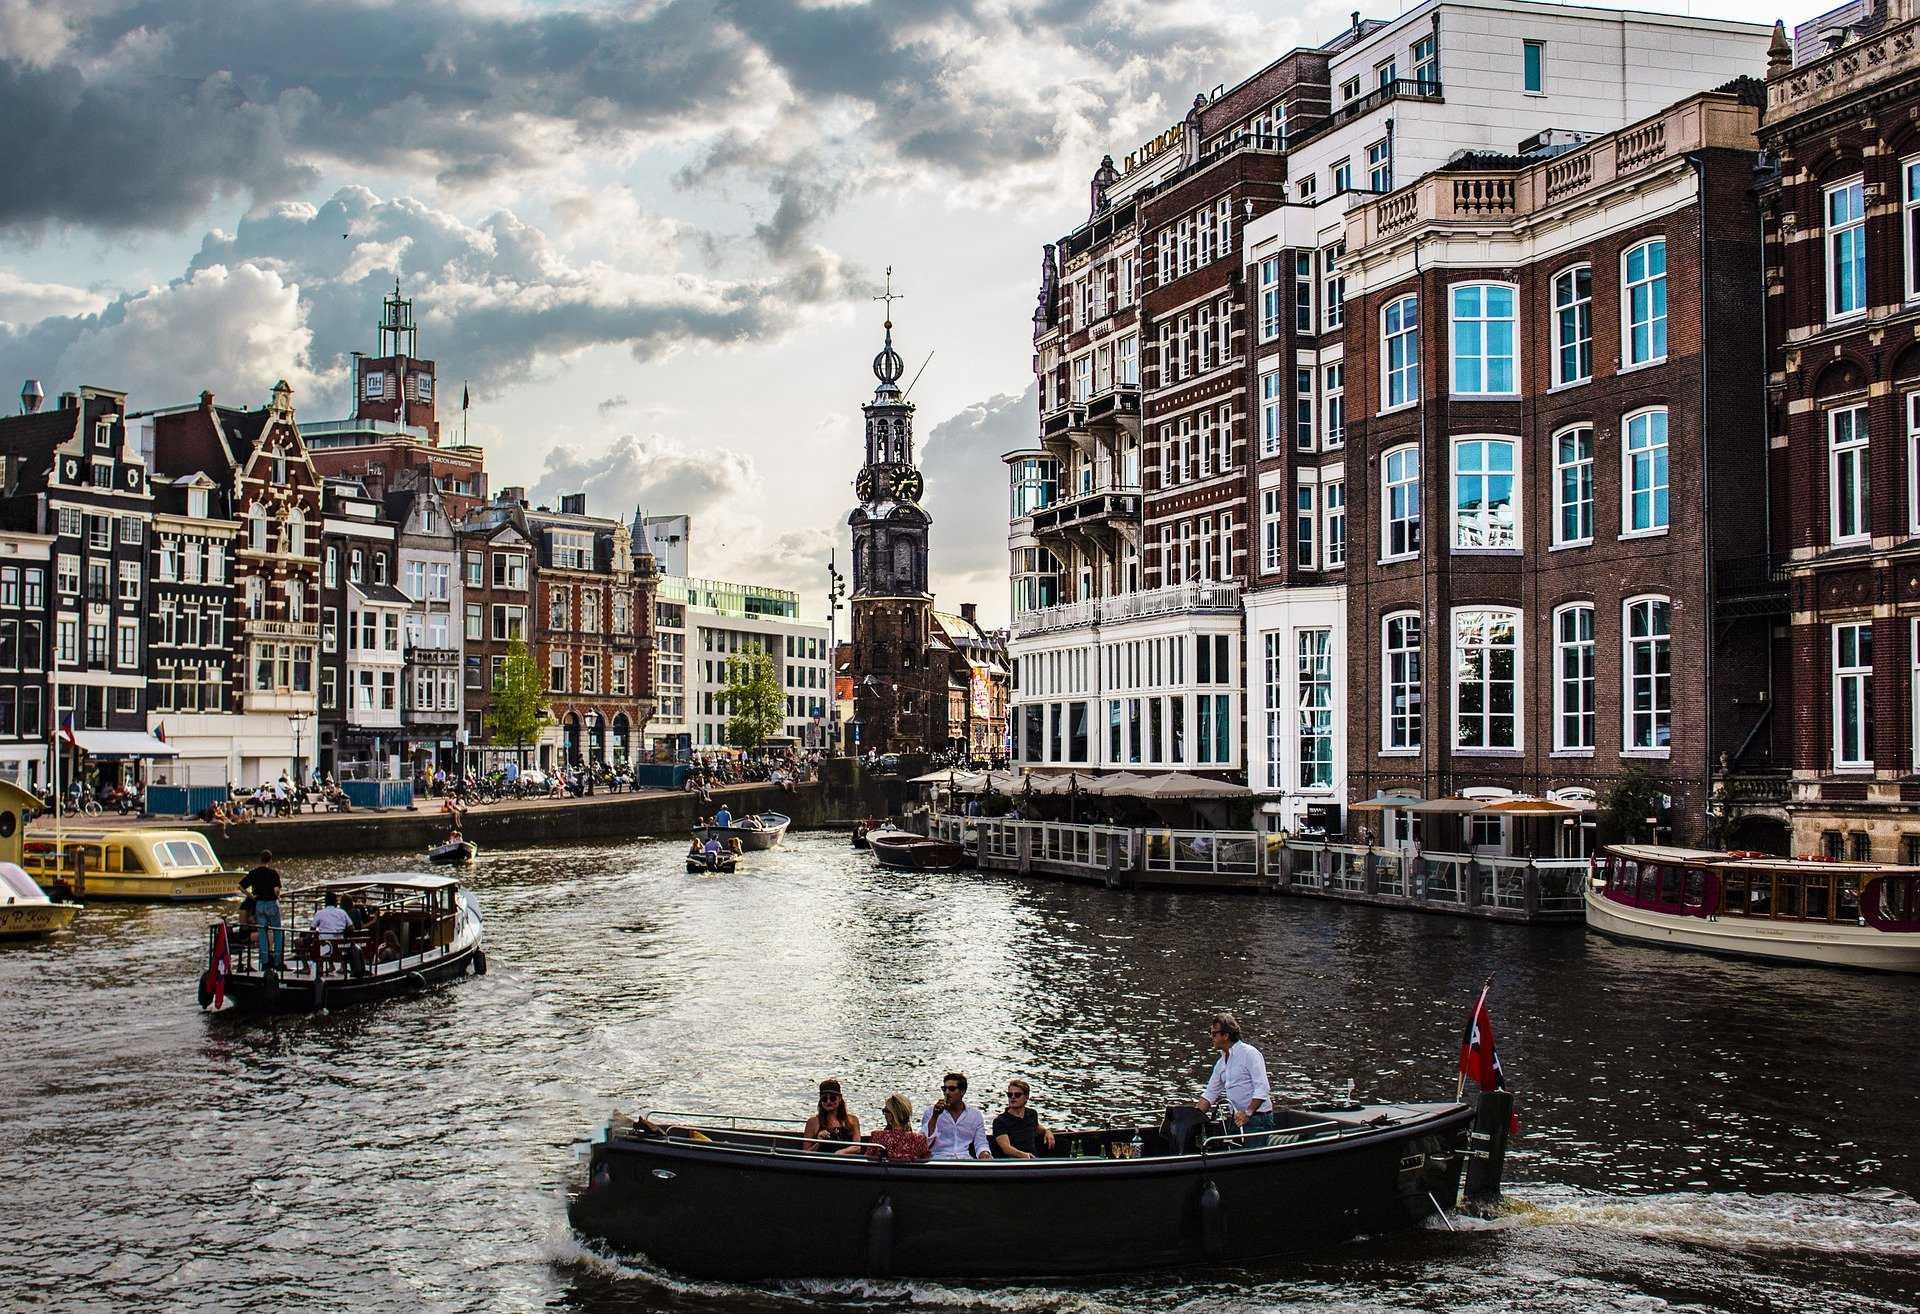 מלונות כשרים באמסטרדם - המדריך הטוב ביותר לחופשה כשרה באמסטרדם!